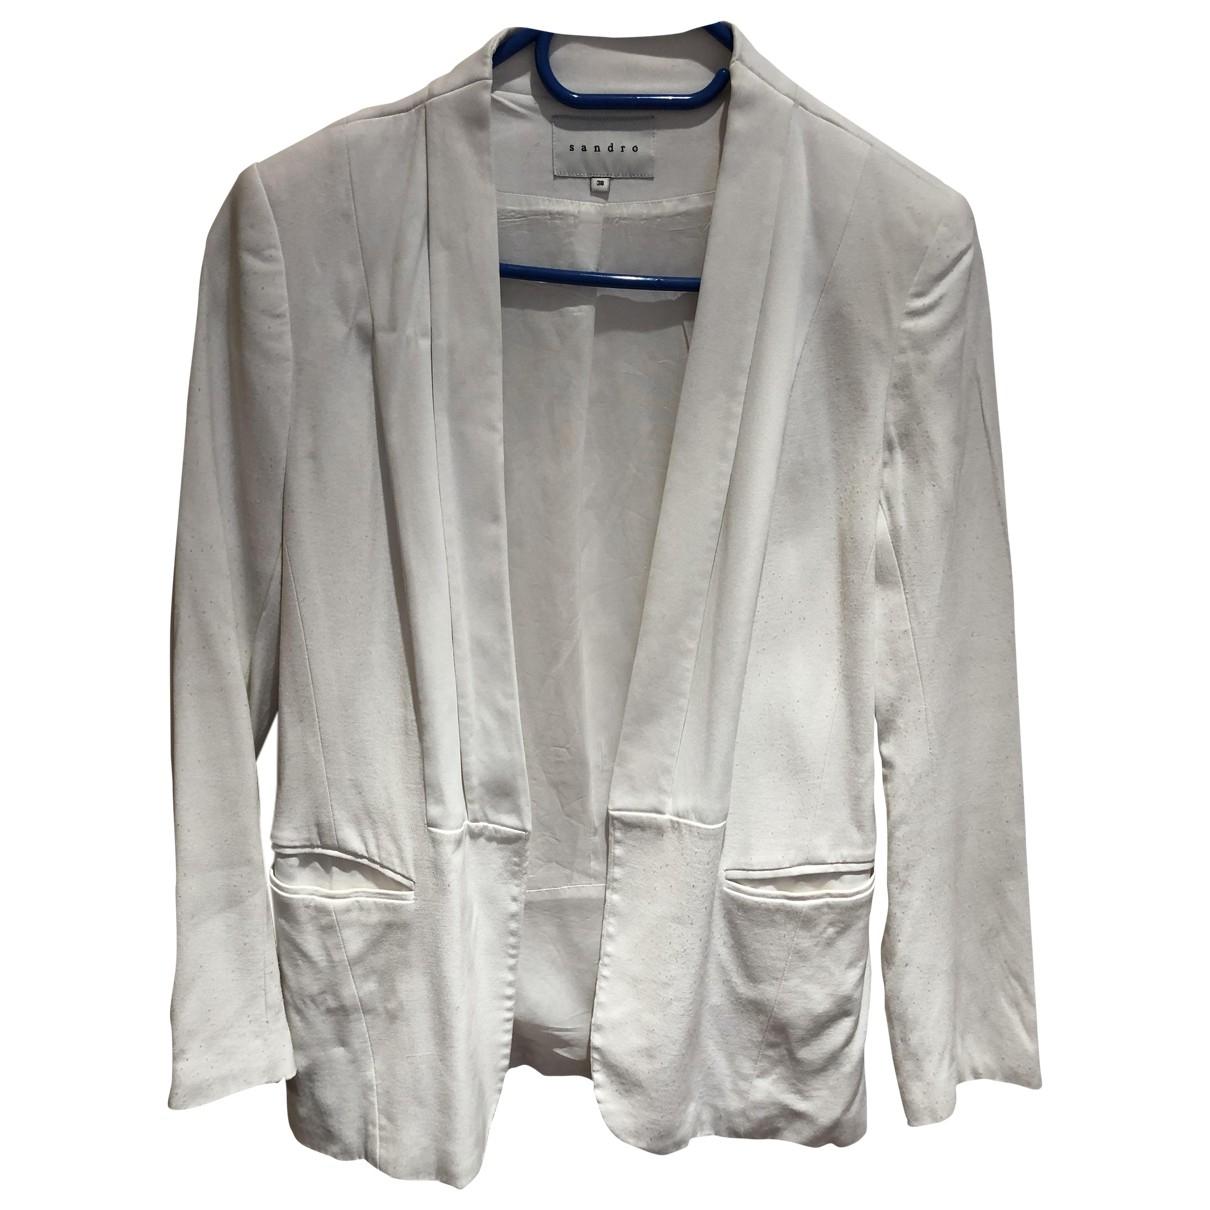 Sandro \N White jacket for Women 38 FR